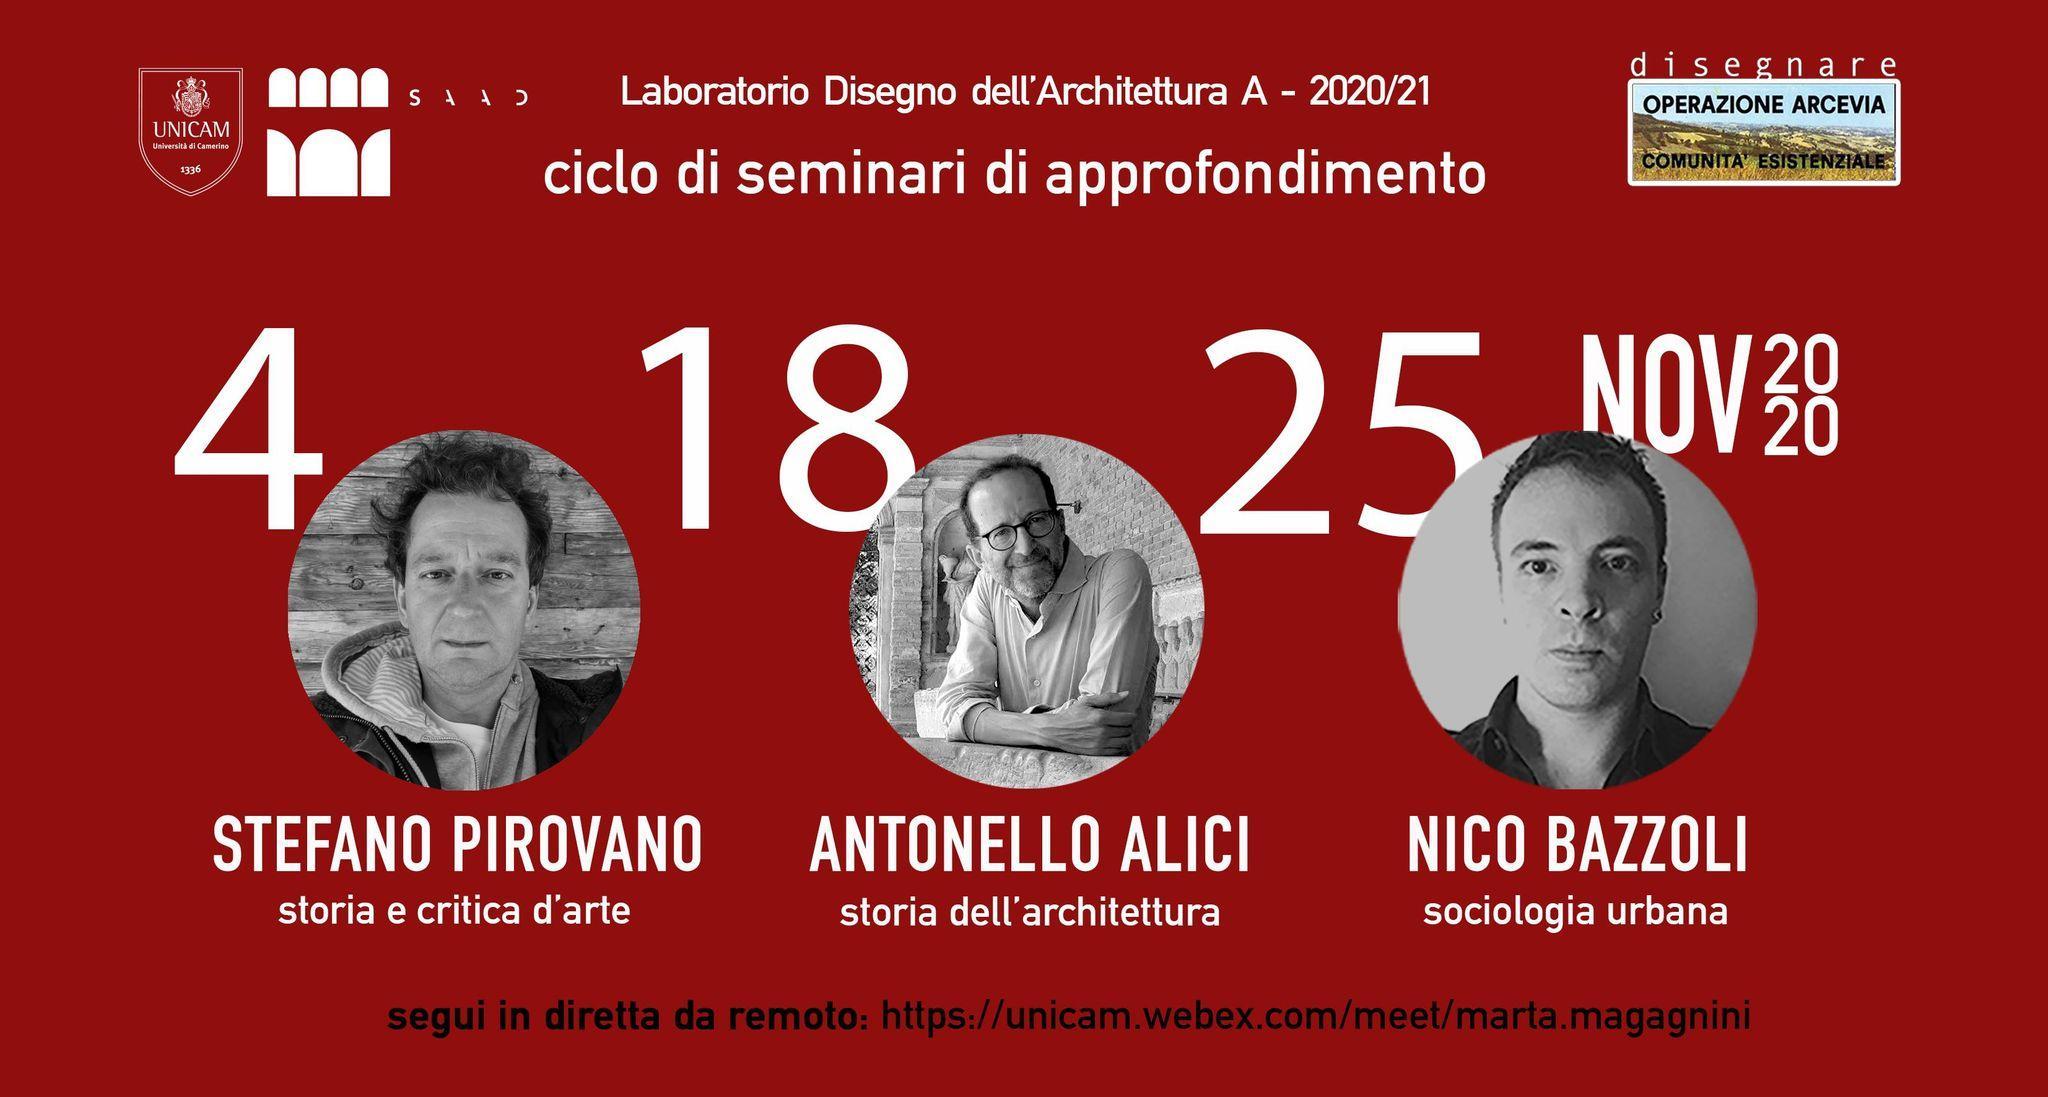 STEFANO PIROVANO - ANTONELLO - ALICI NICO BAROLI